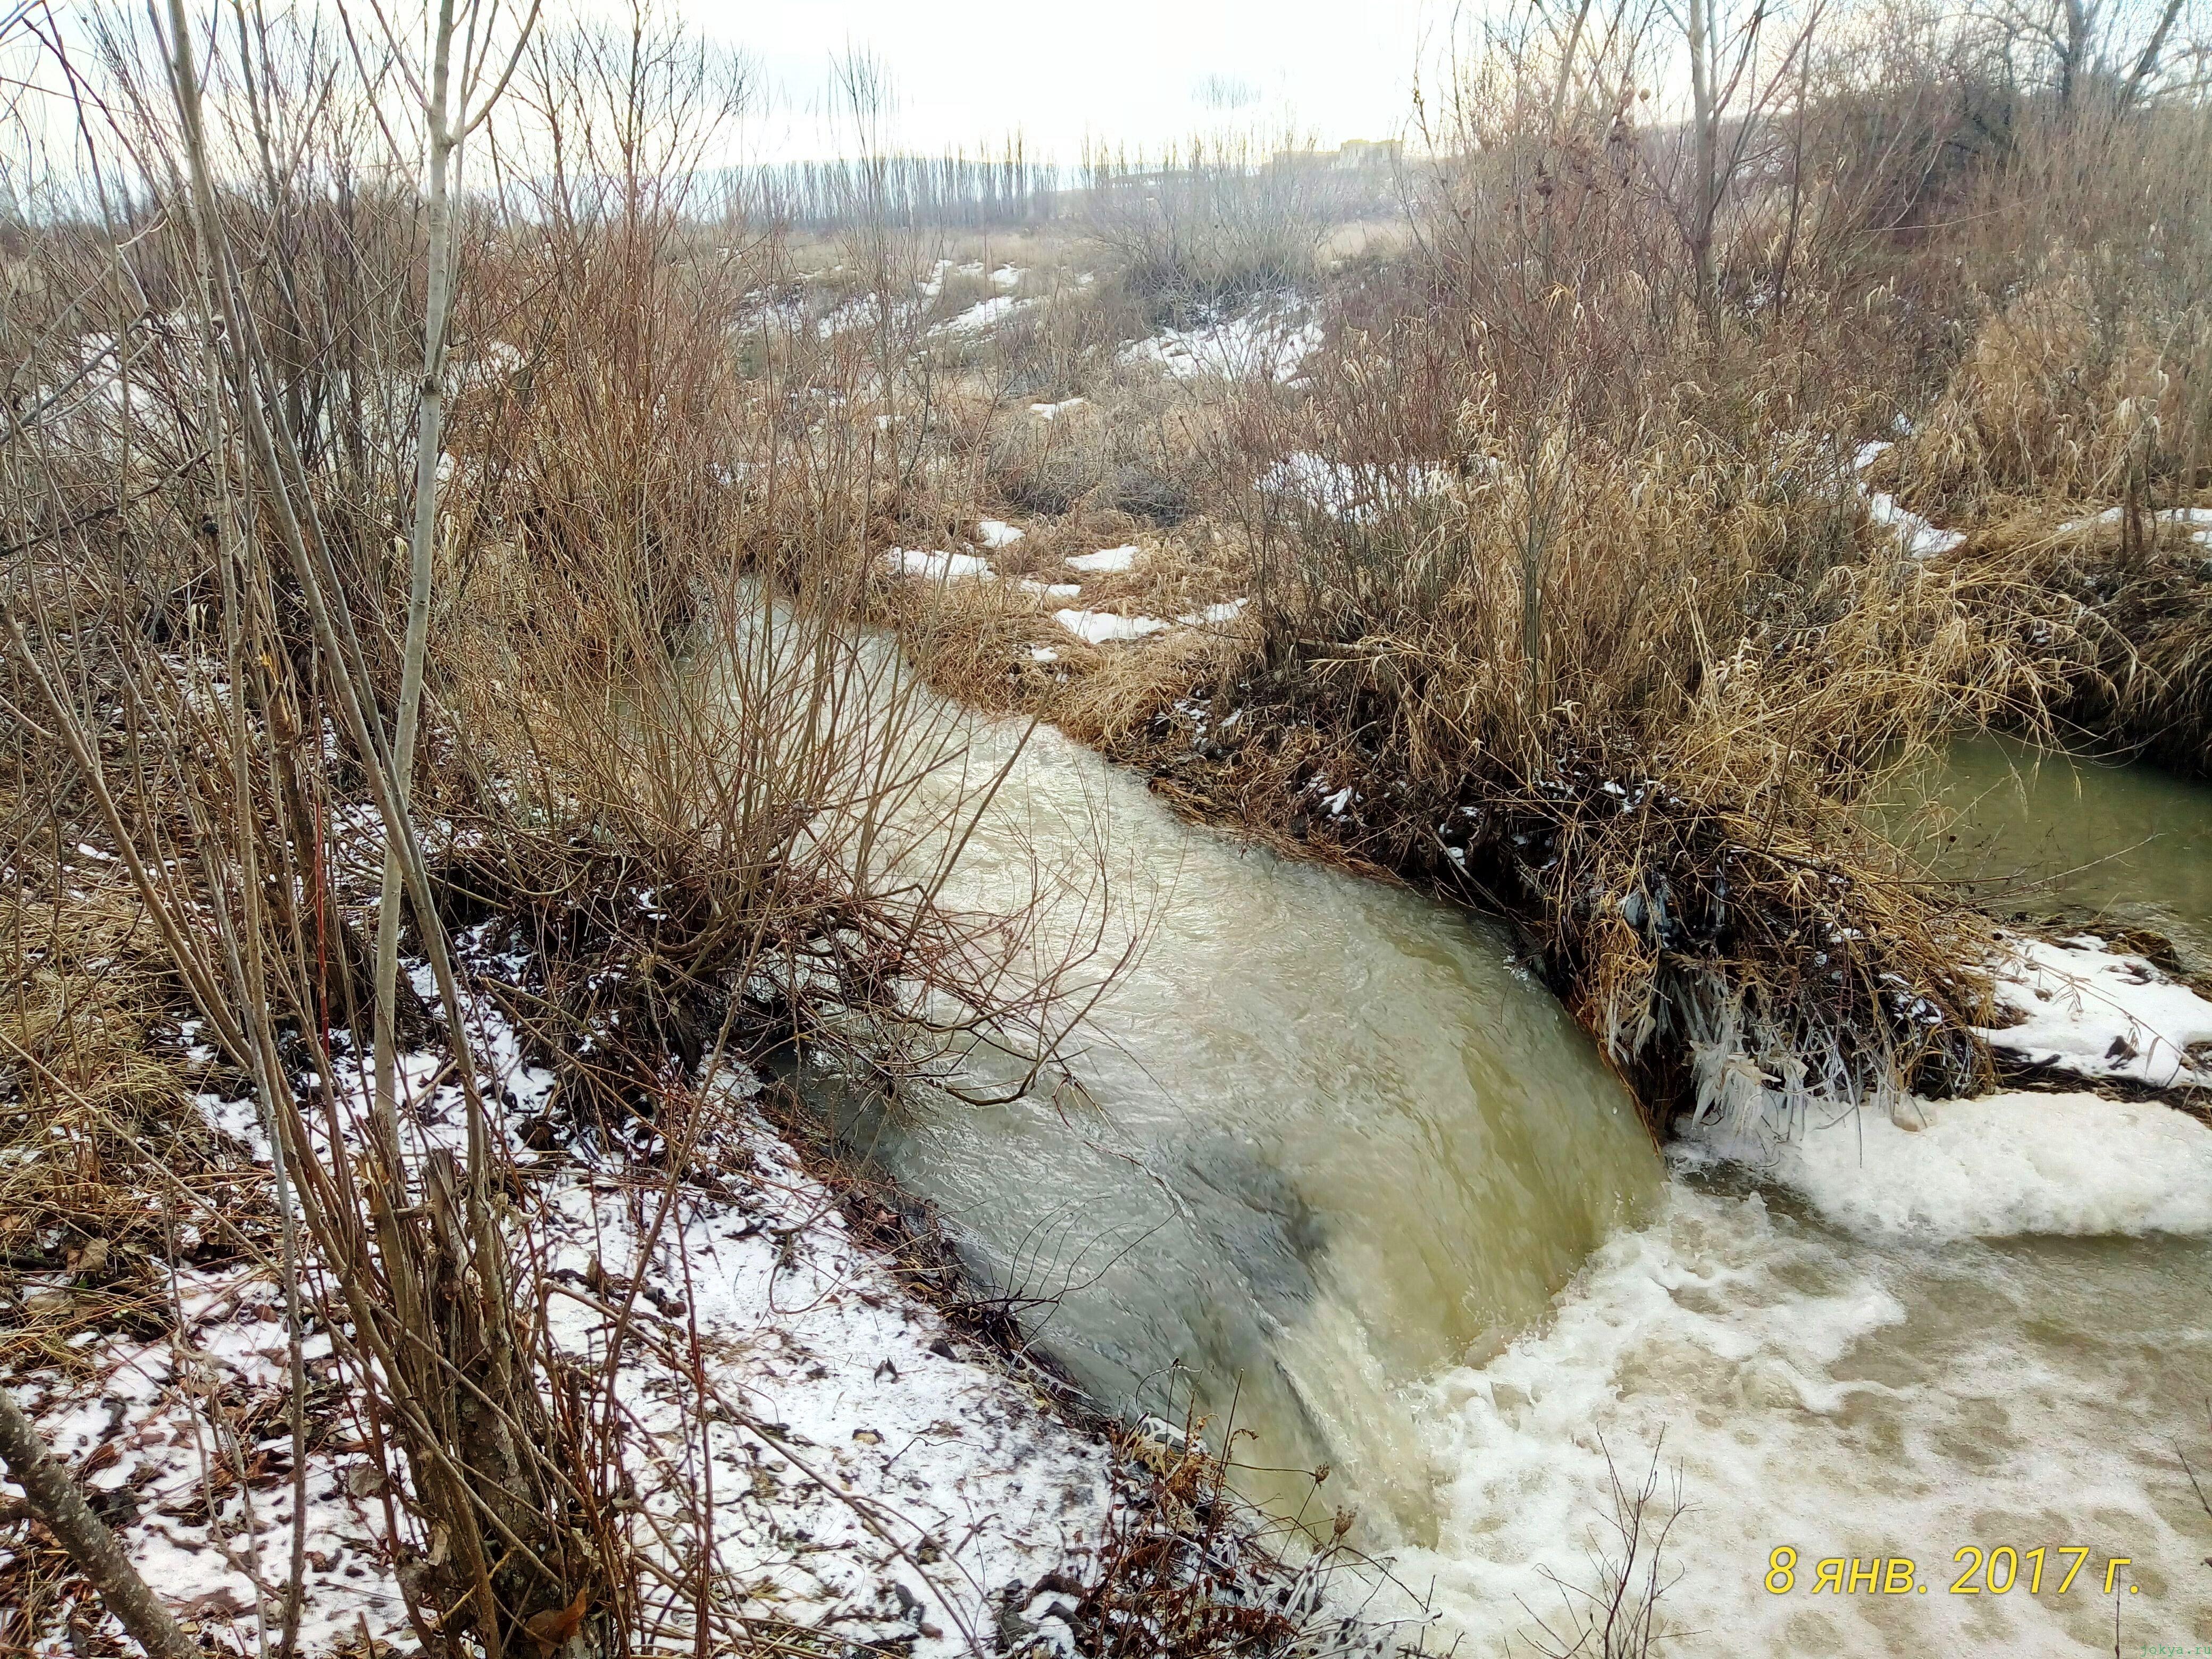 Танас река полноводная: Танас фото заметка моей реальности в Крыму jokya.ru